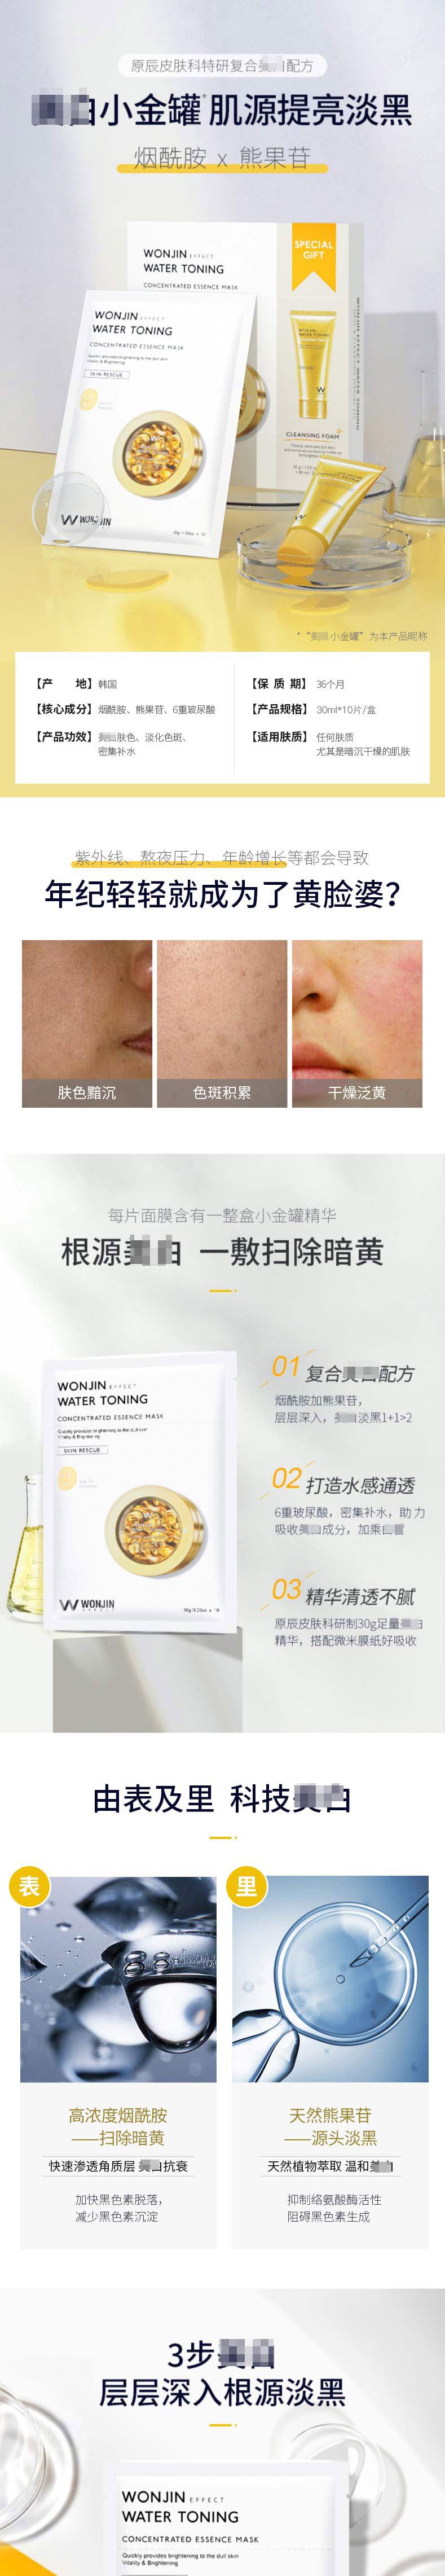 韩国Wonjin 原辰烟酰胺金胶面膜(30g10片)送洗面奶-广告图.jpg